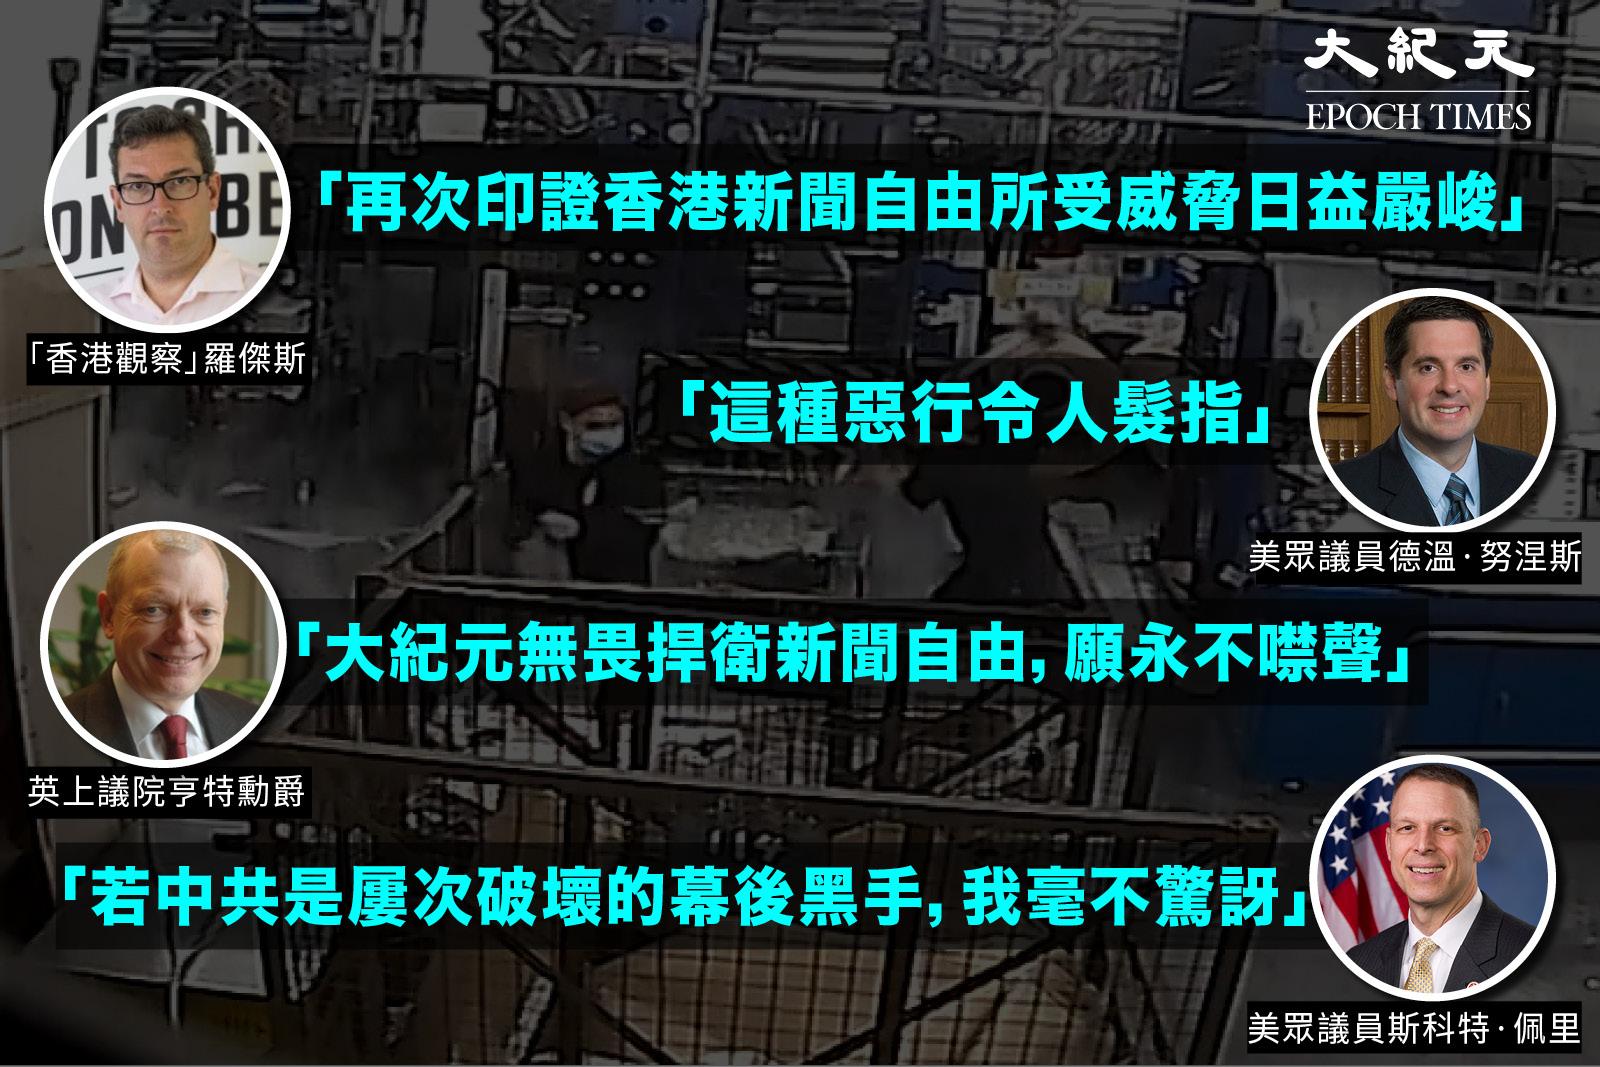 「香港觀察」創辦人羅傑斯(Benedict Rogers)、英國上議院亨特勳爵(Lord Hunt of Kings Heath)、美國眾議院議員德溫·努涅斯(Devin Nunes)等人致信英文《大紀元》,就新時代印刷廠遭嚴重破壞發表評論。(大紀元製圖)